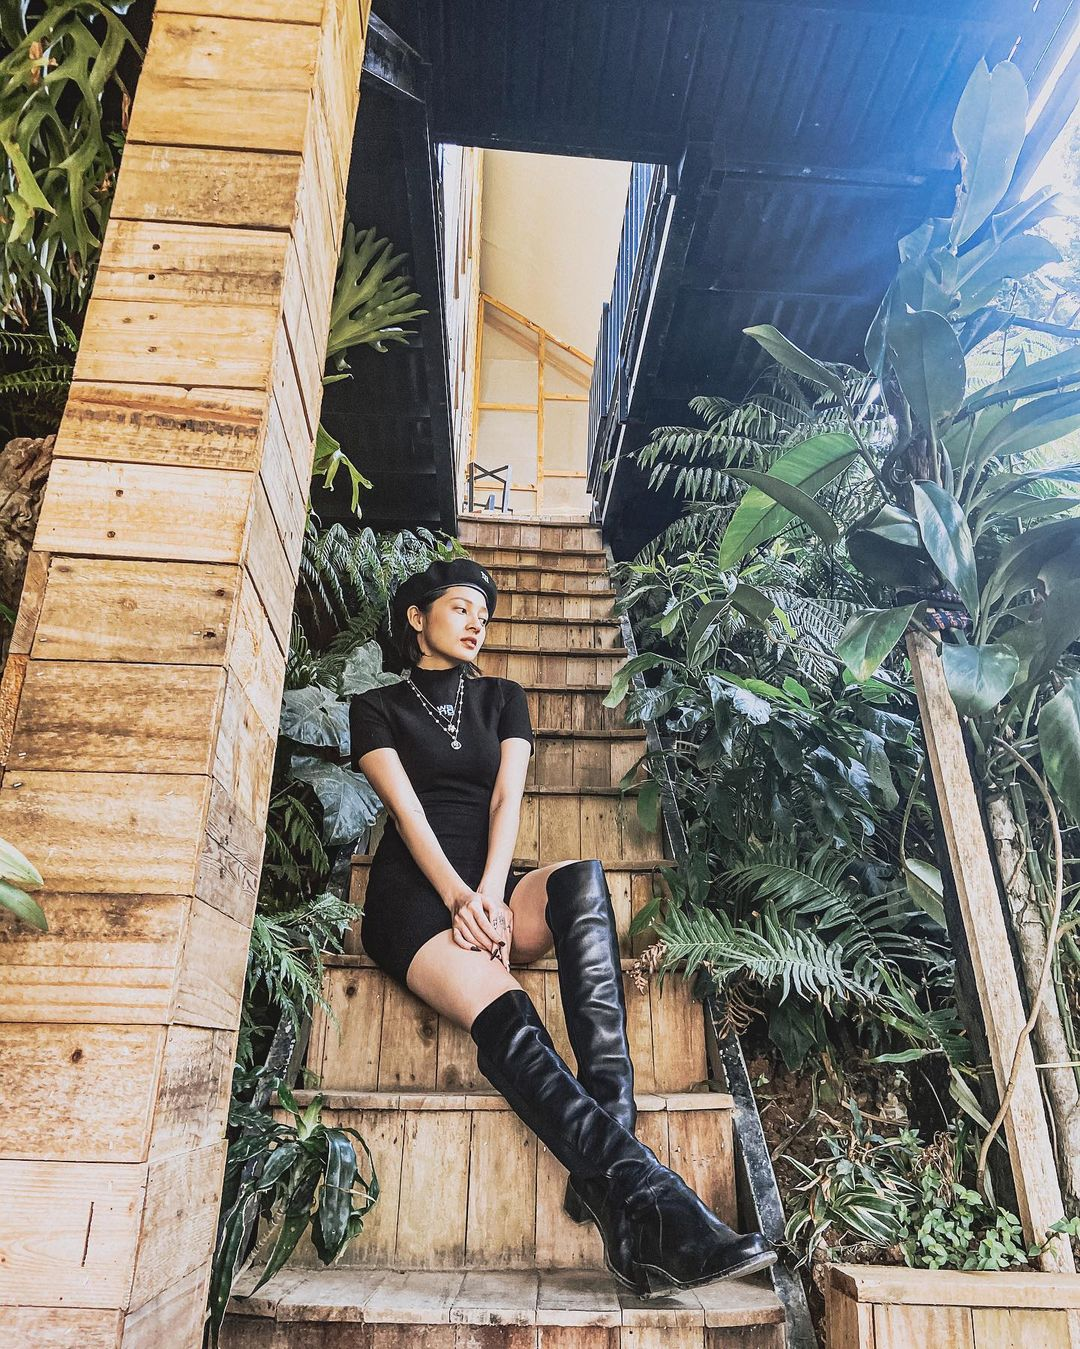 Instagram look của sao Việt sau Tết: Nhã Phương khoe da trắng muốt, Kỳ Duyên và Tóc Tiên sexy bỏng mắt - Ảnh 9.